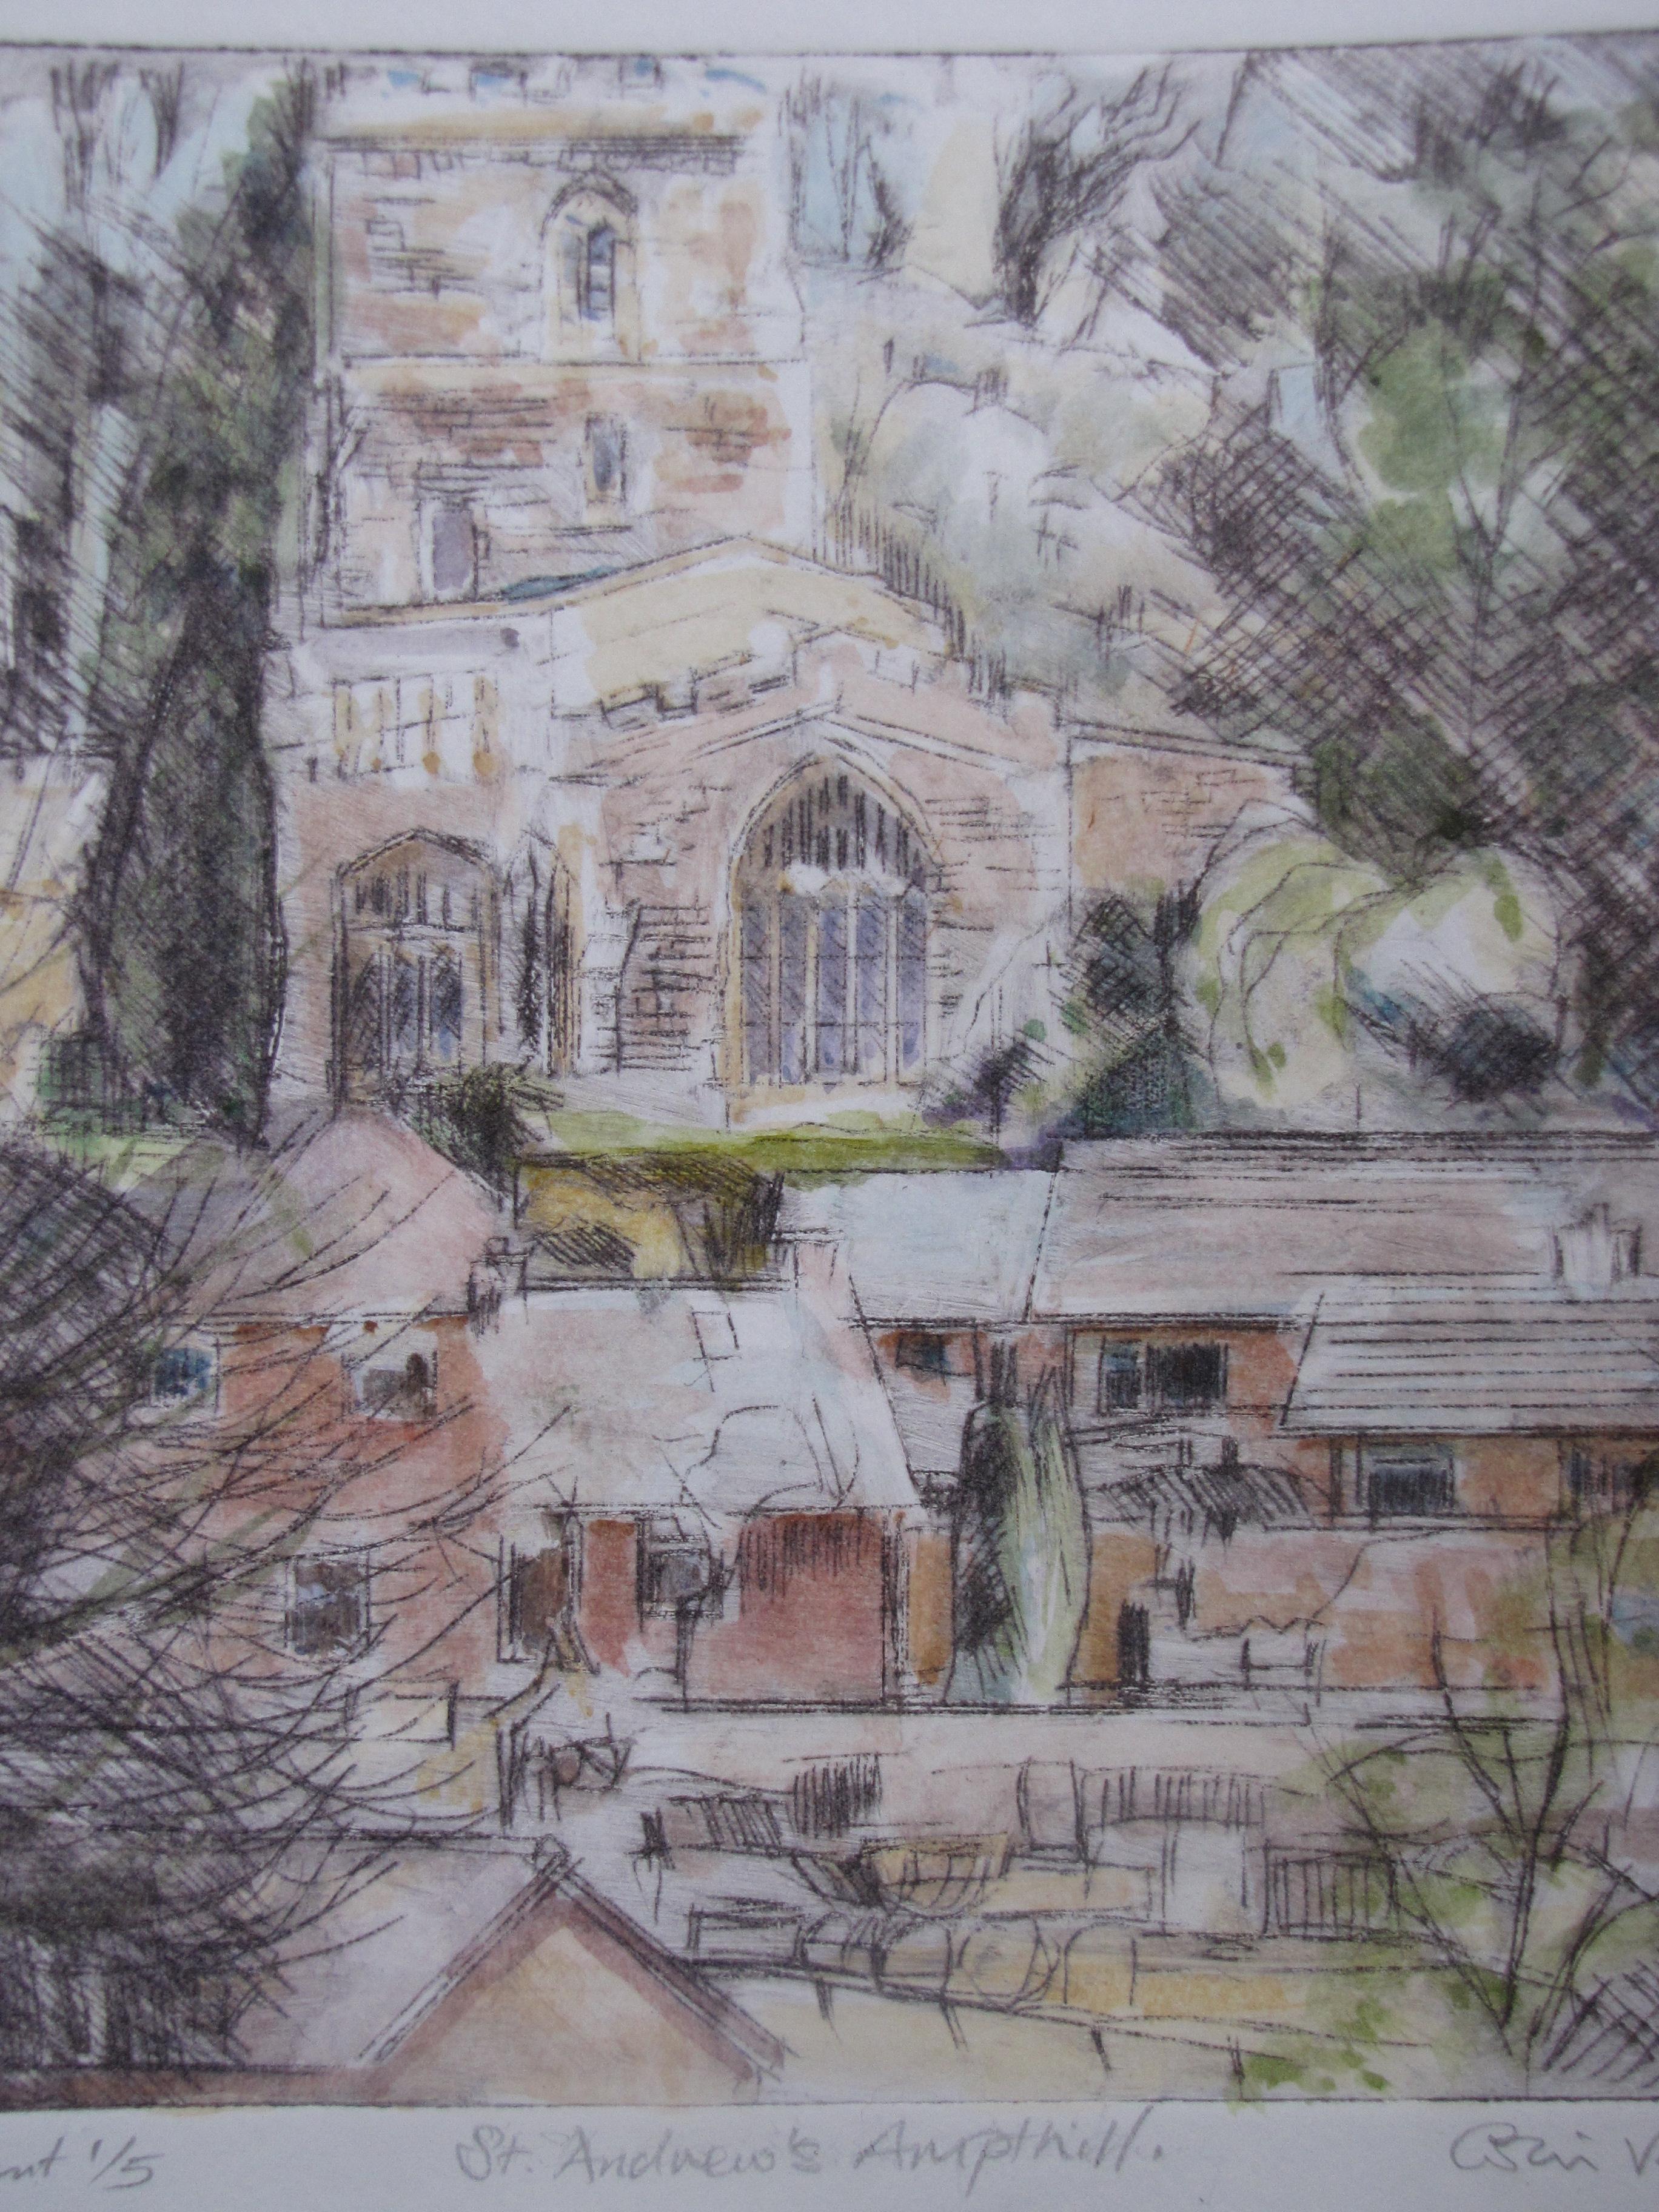 St Andrew's Ampthill